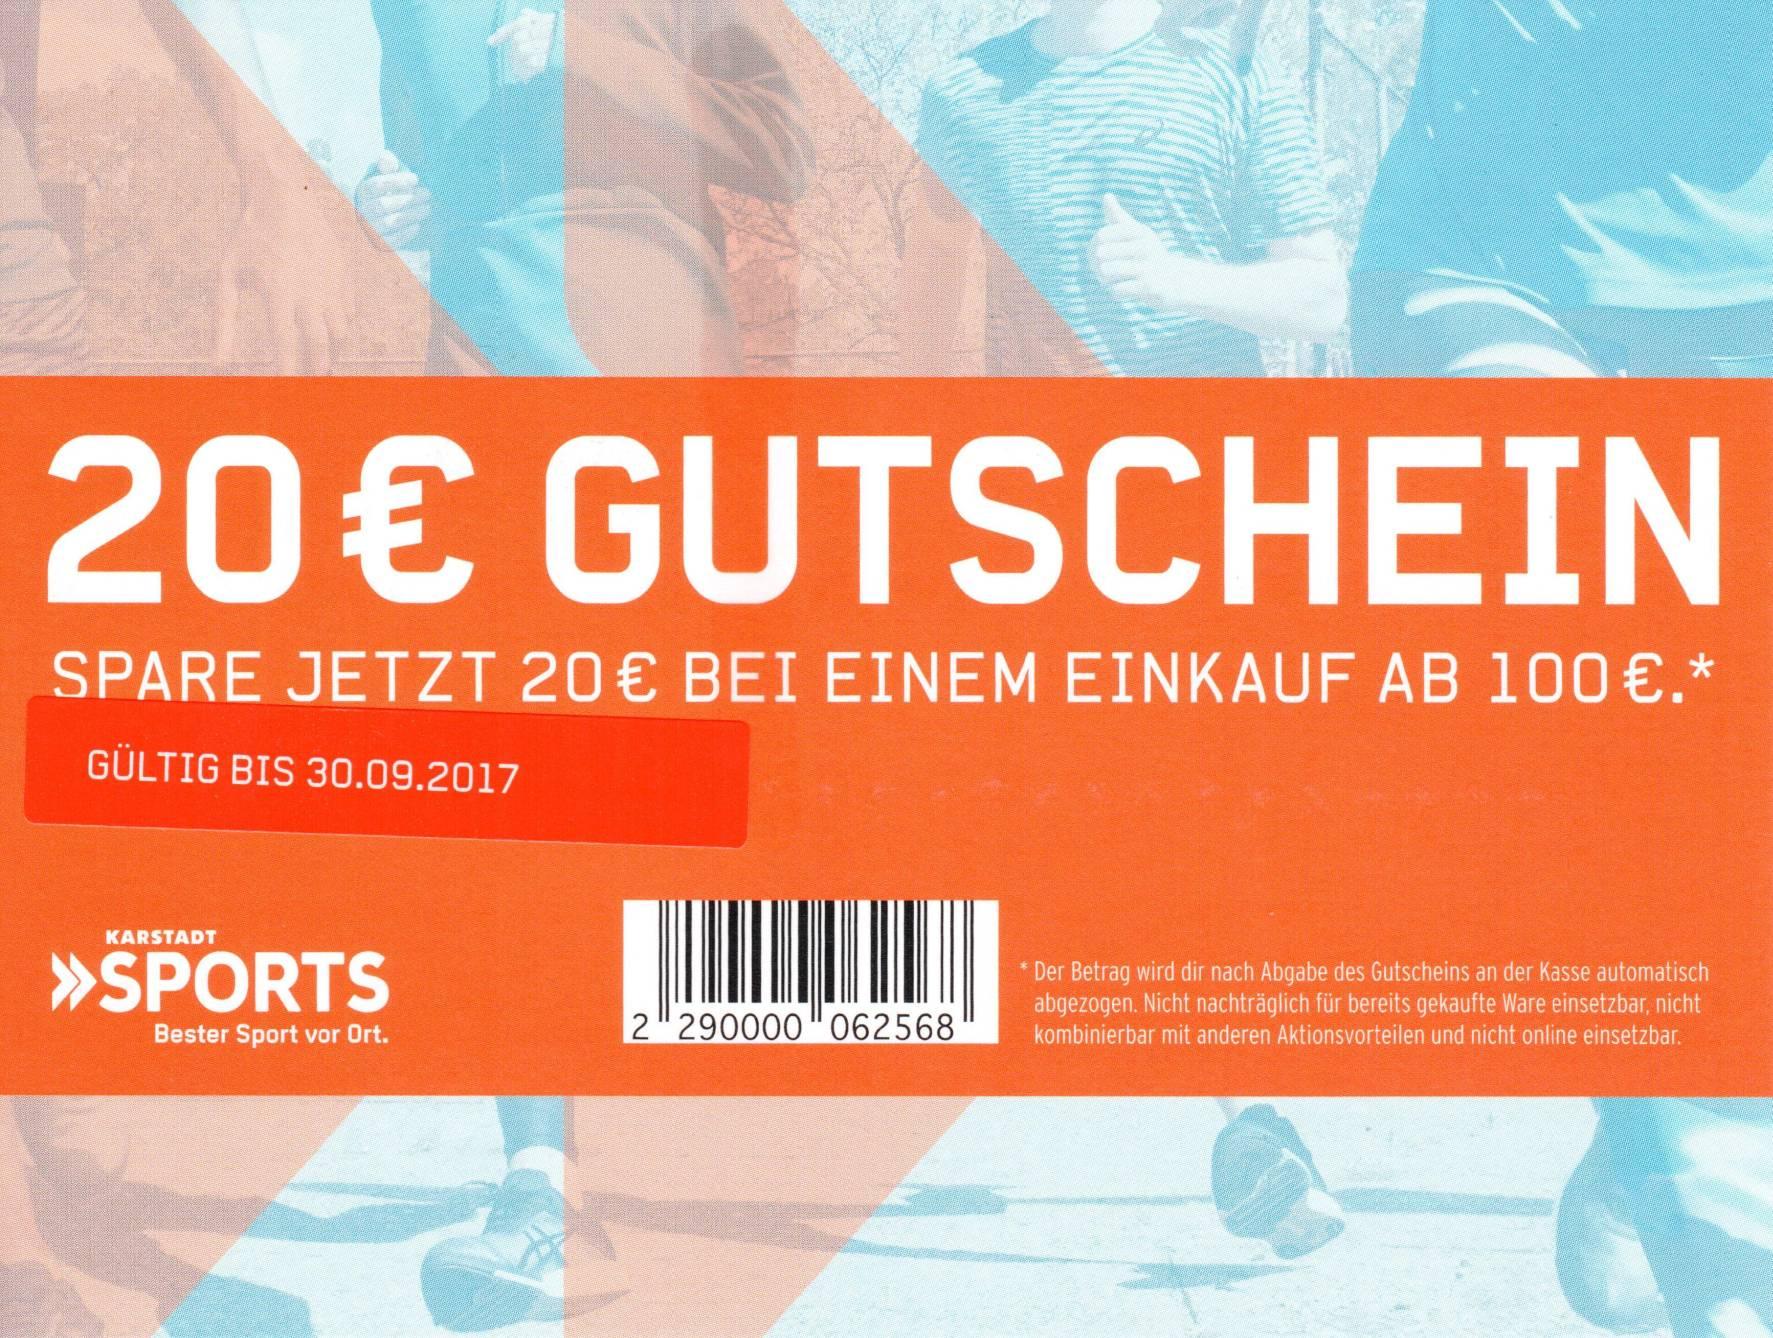 [Karstadt Sports] 20€ ab 100€ Offline bis 30.09.17